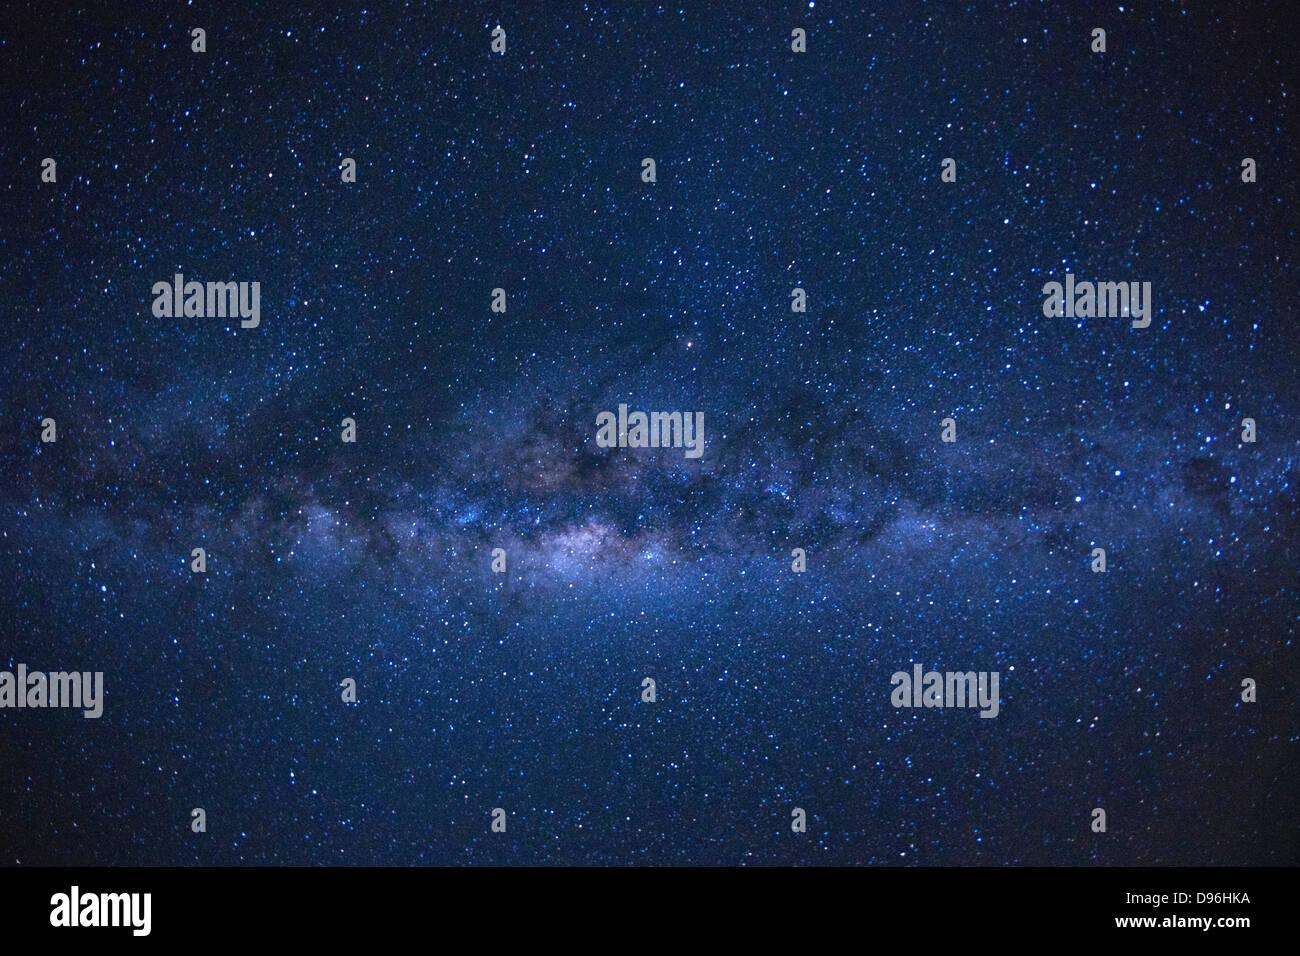 La Via Lattea come si vede dall'isola francese di la Reunion nell'Oceano Indiano. Immagini Stock